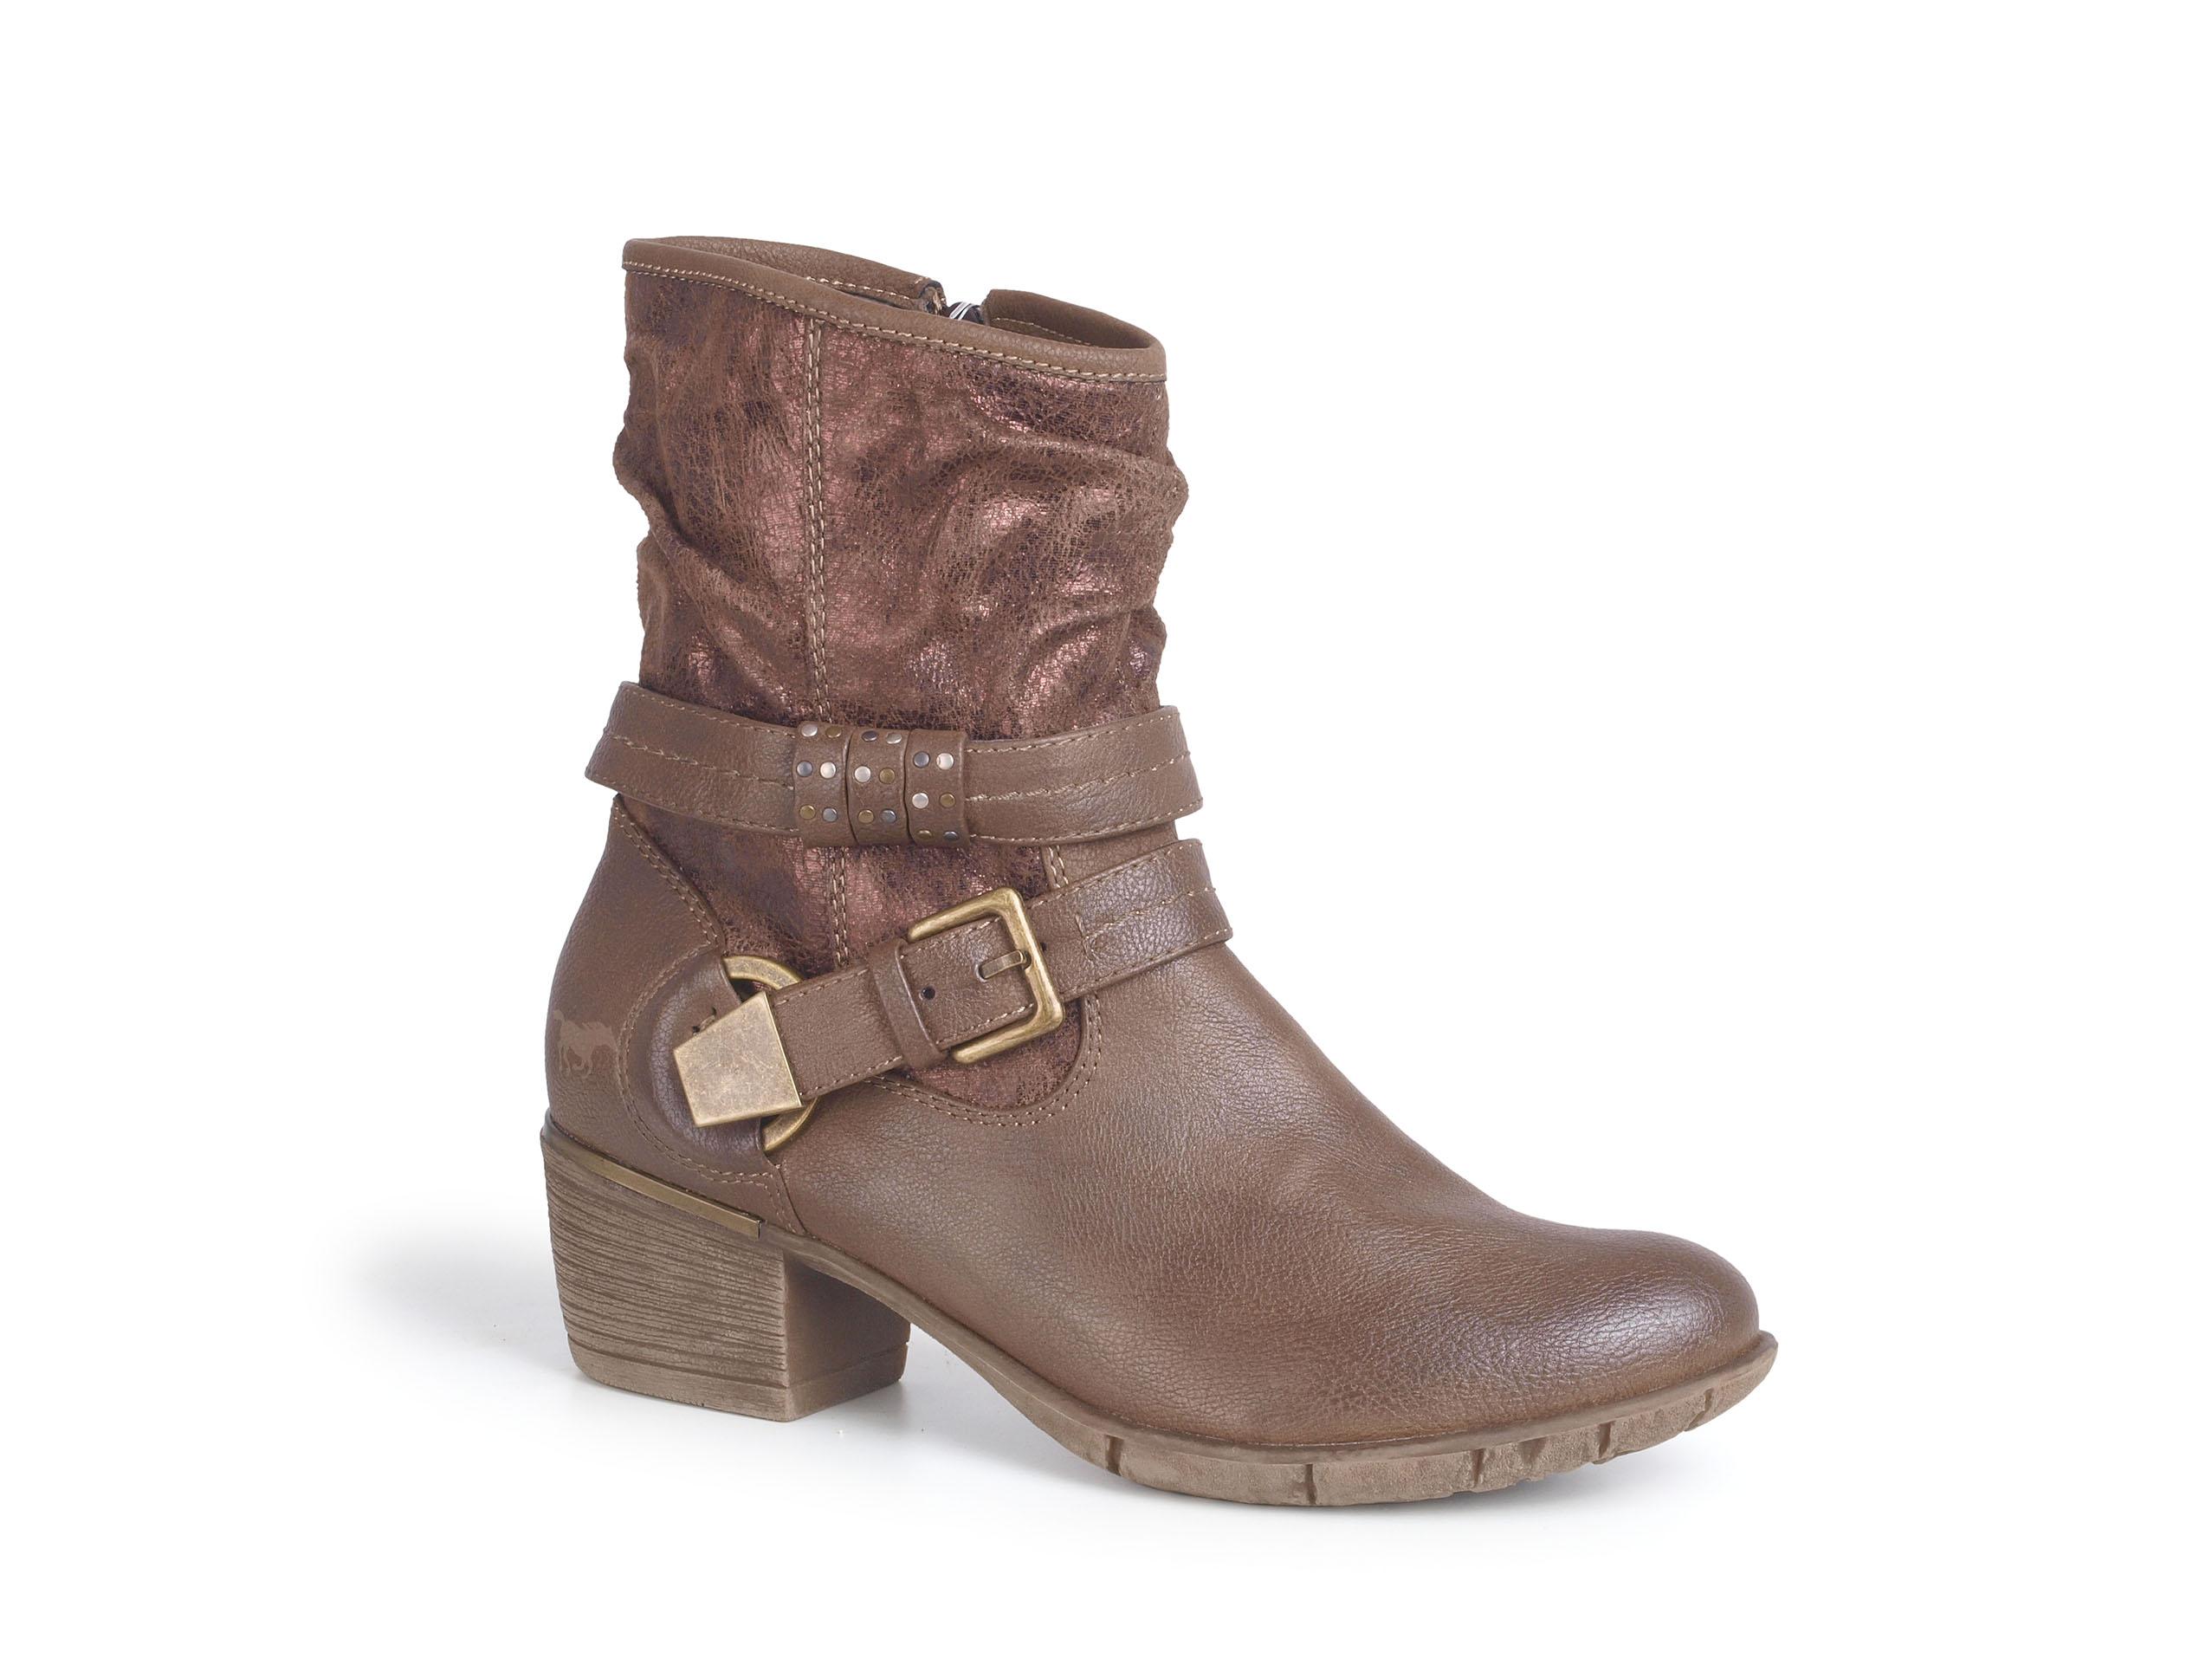 eccd43eaa1521 Kozaki damskie MUSTANG shoes 35C-037 mustang shoes